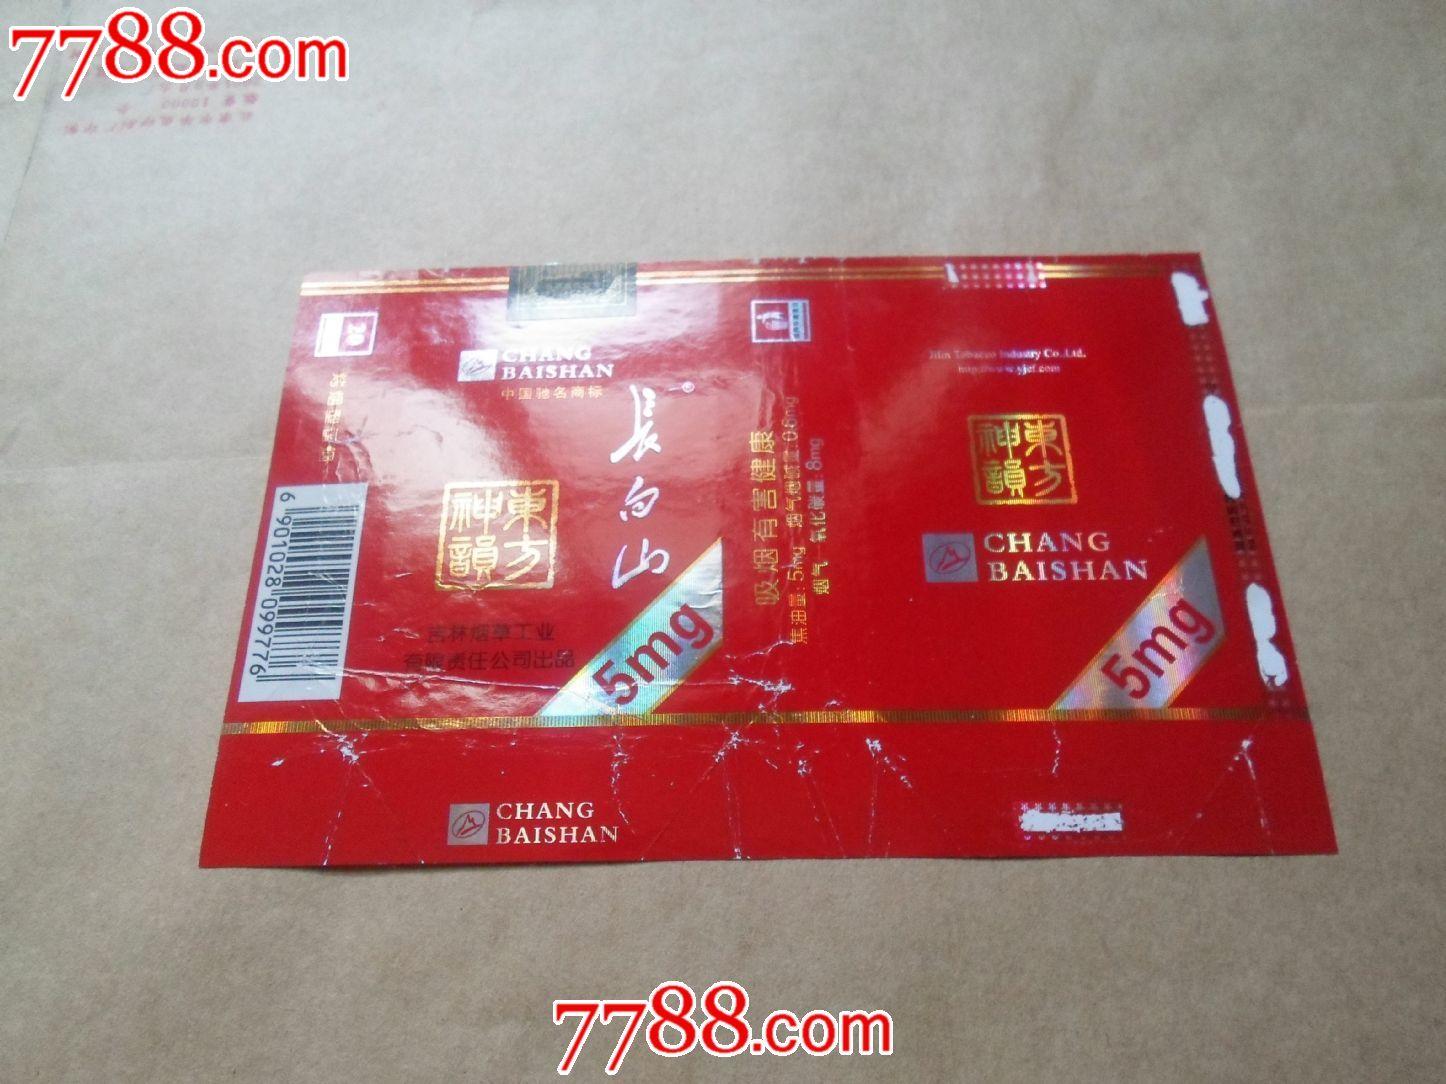 长白山--18-烟标/烟盒--se20620098-零售-7788收藏